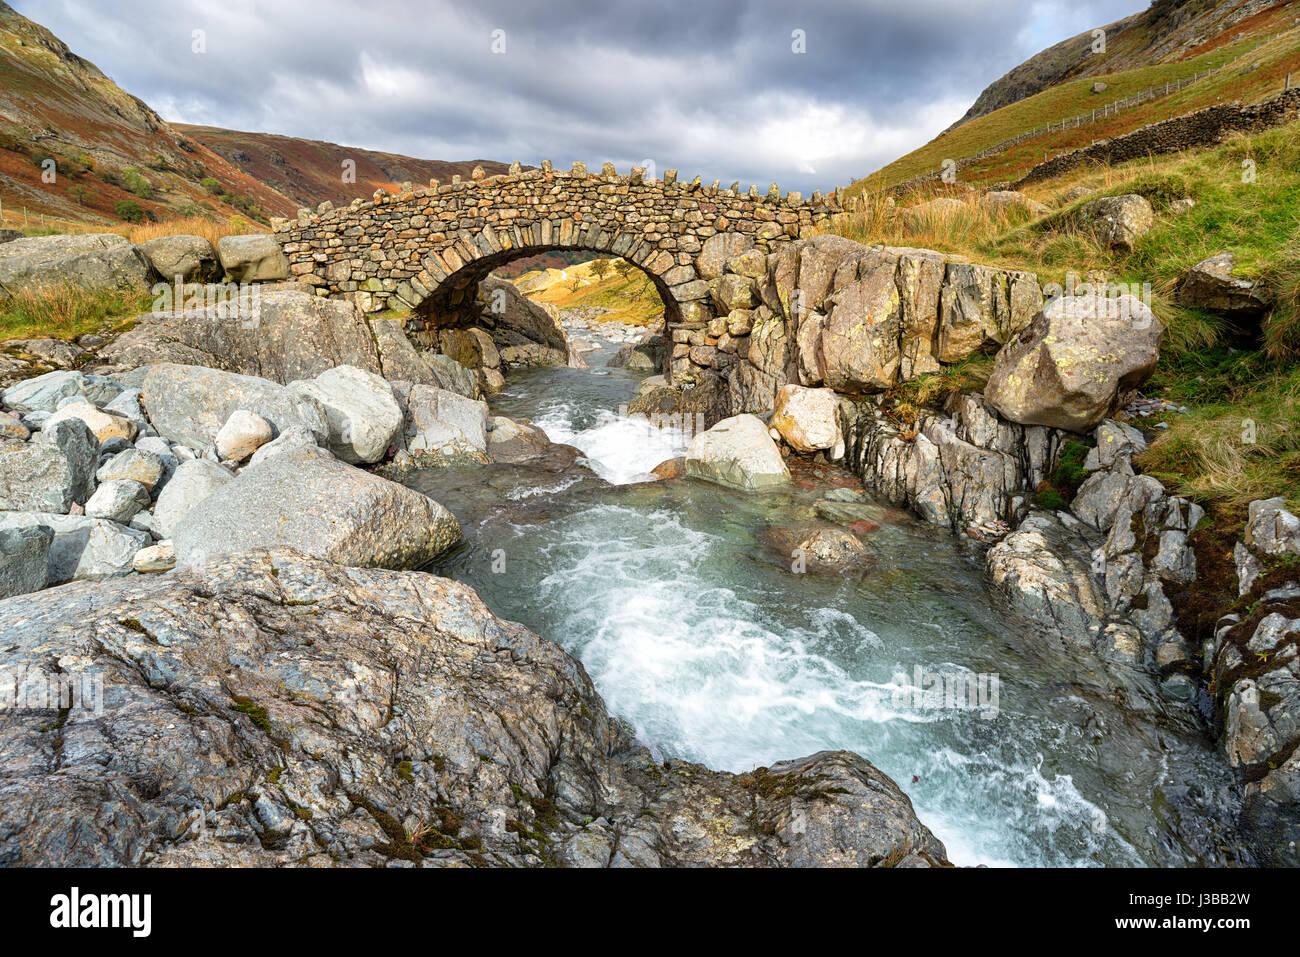 Stockley Brücke in der Nähe von Allerdale im Lake District National Park in Cumbria Stockbild